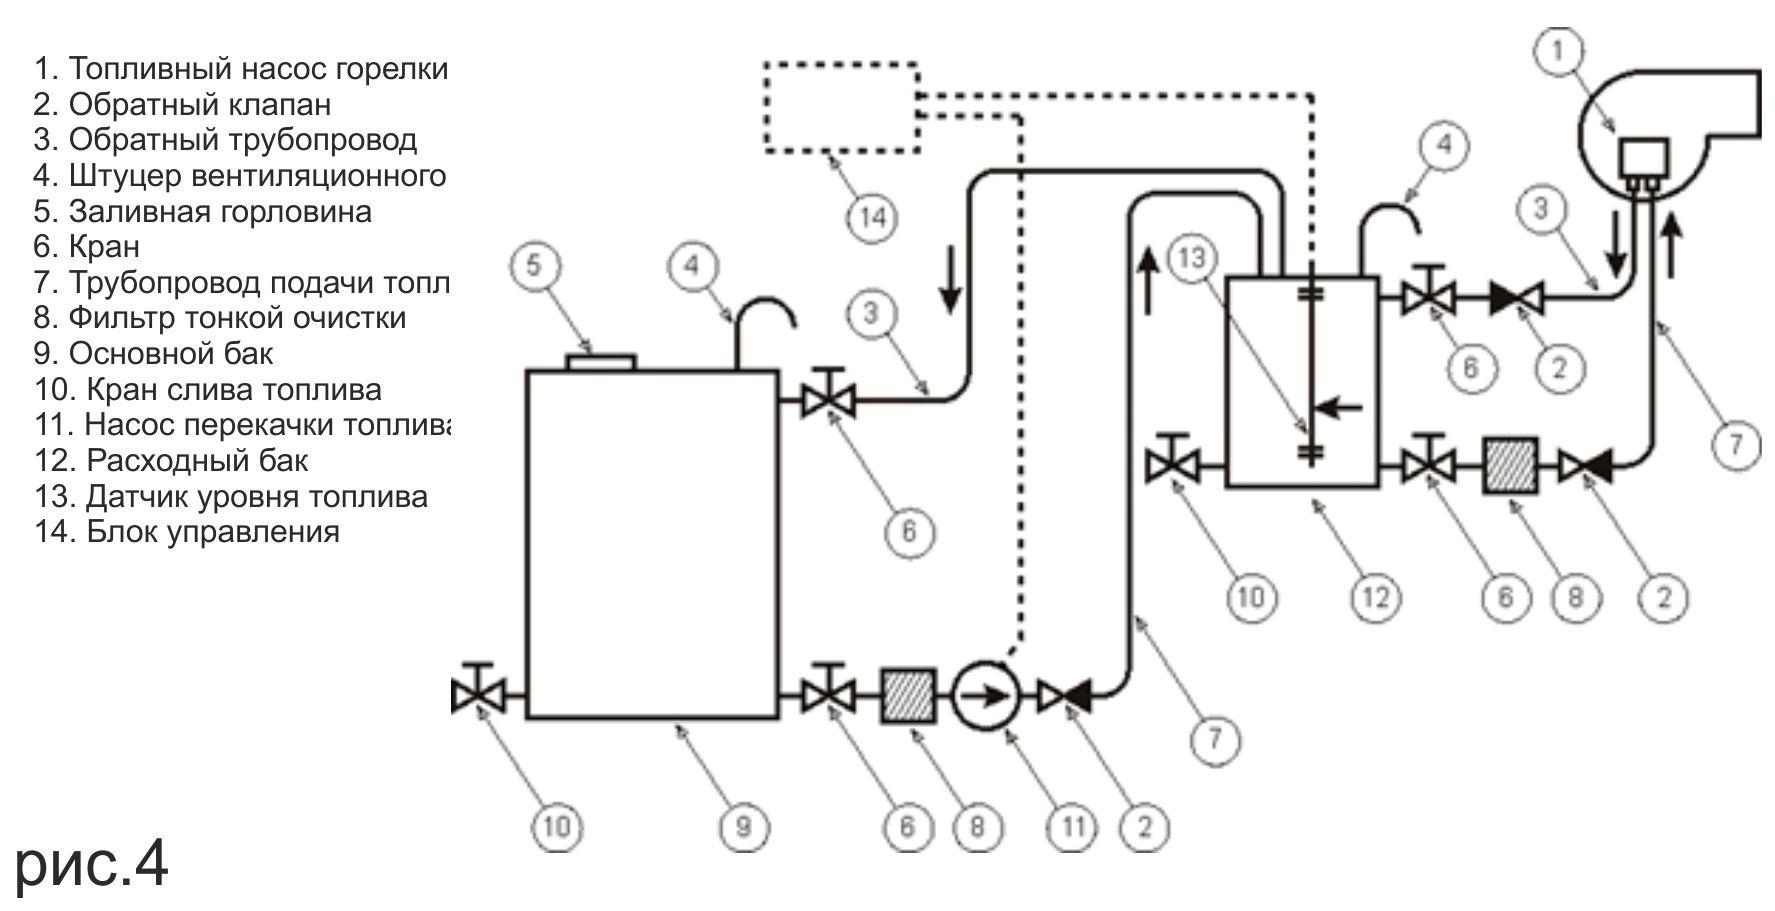 Схема насосной дизельного топлива